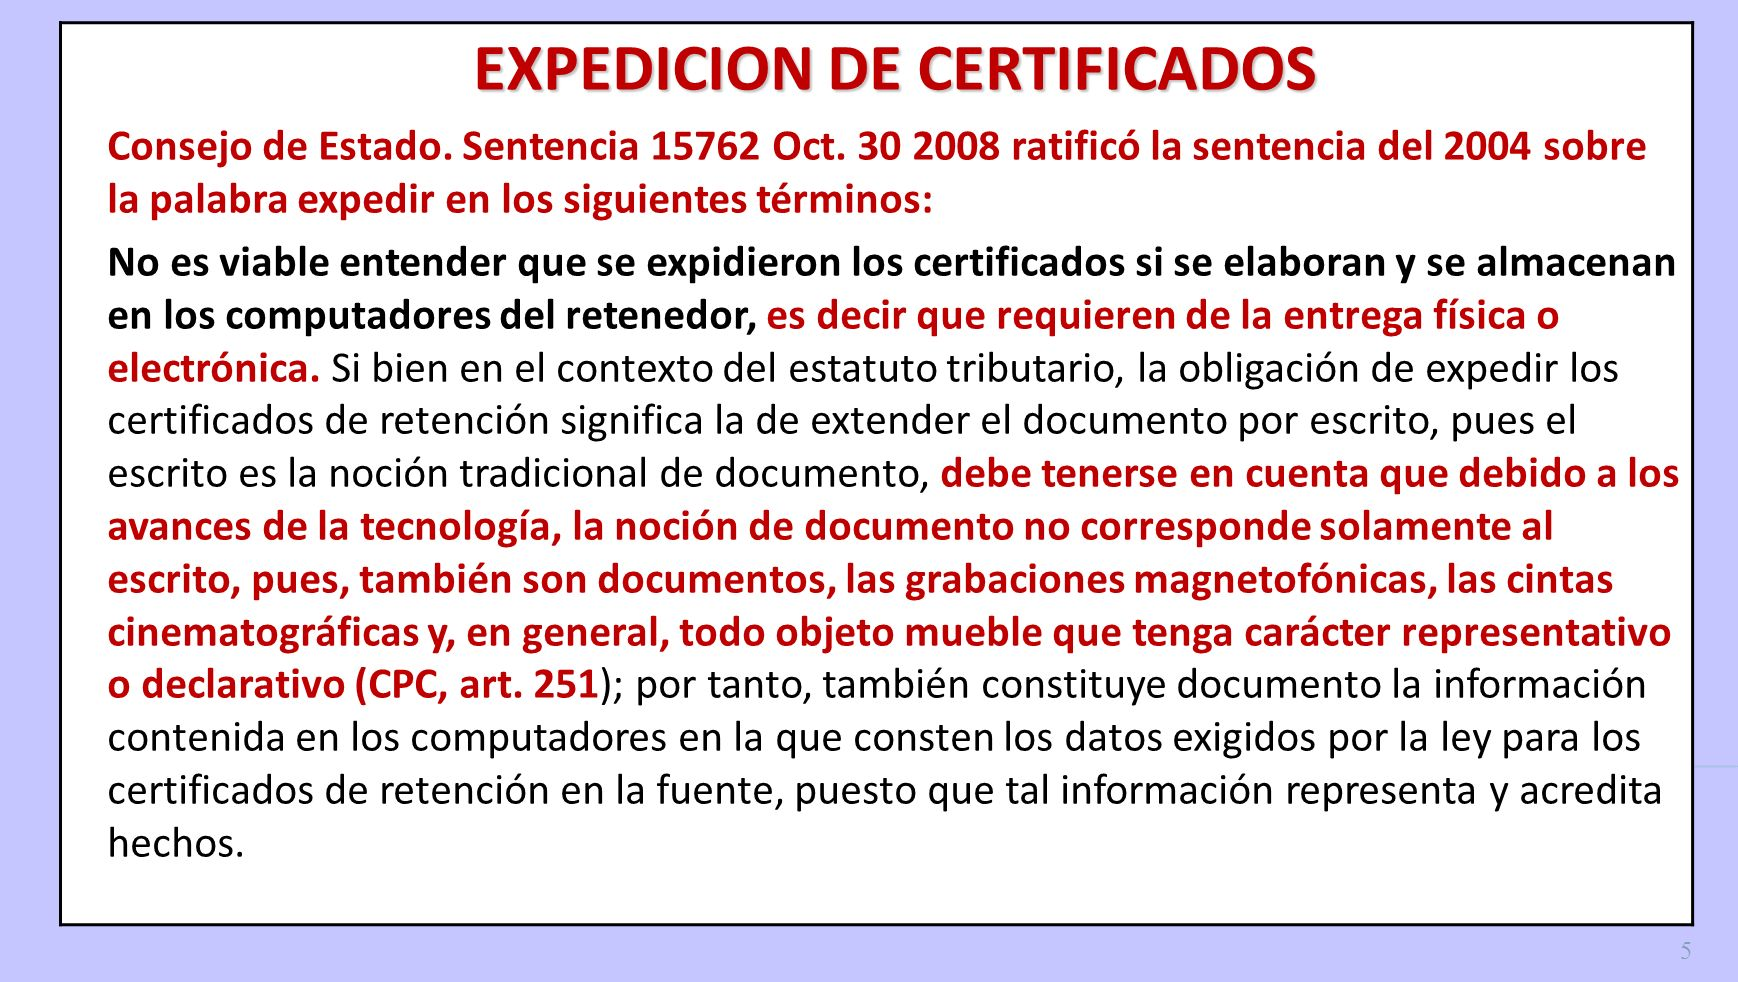 EXPEDICION DE CERTIFICADOS